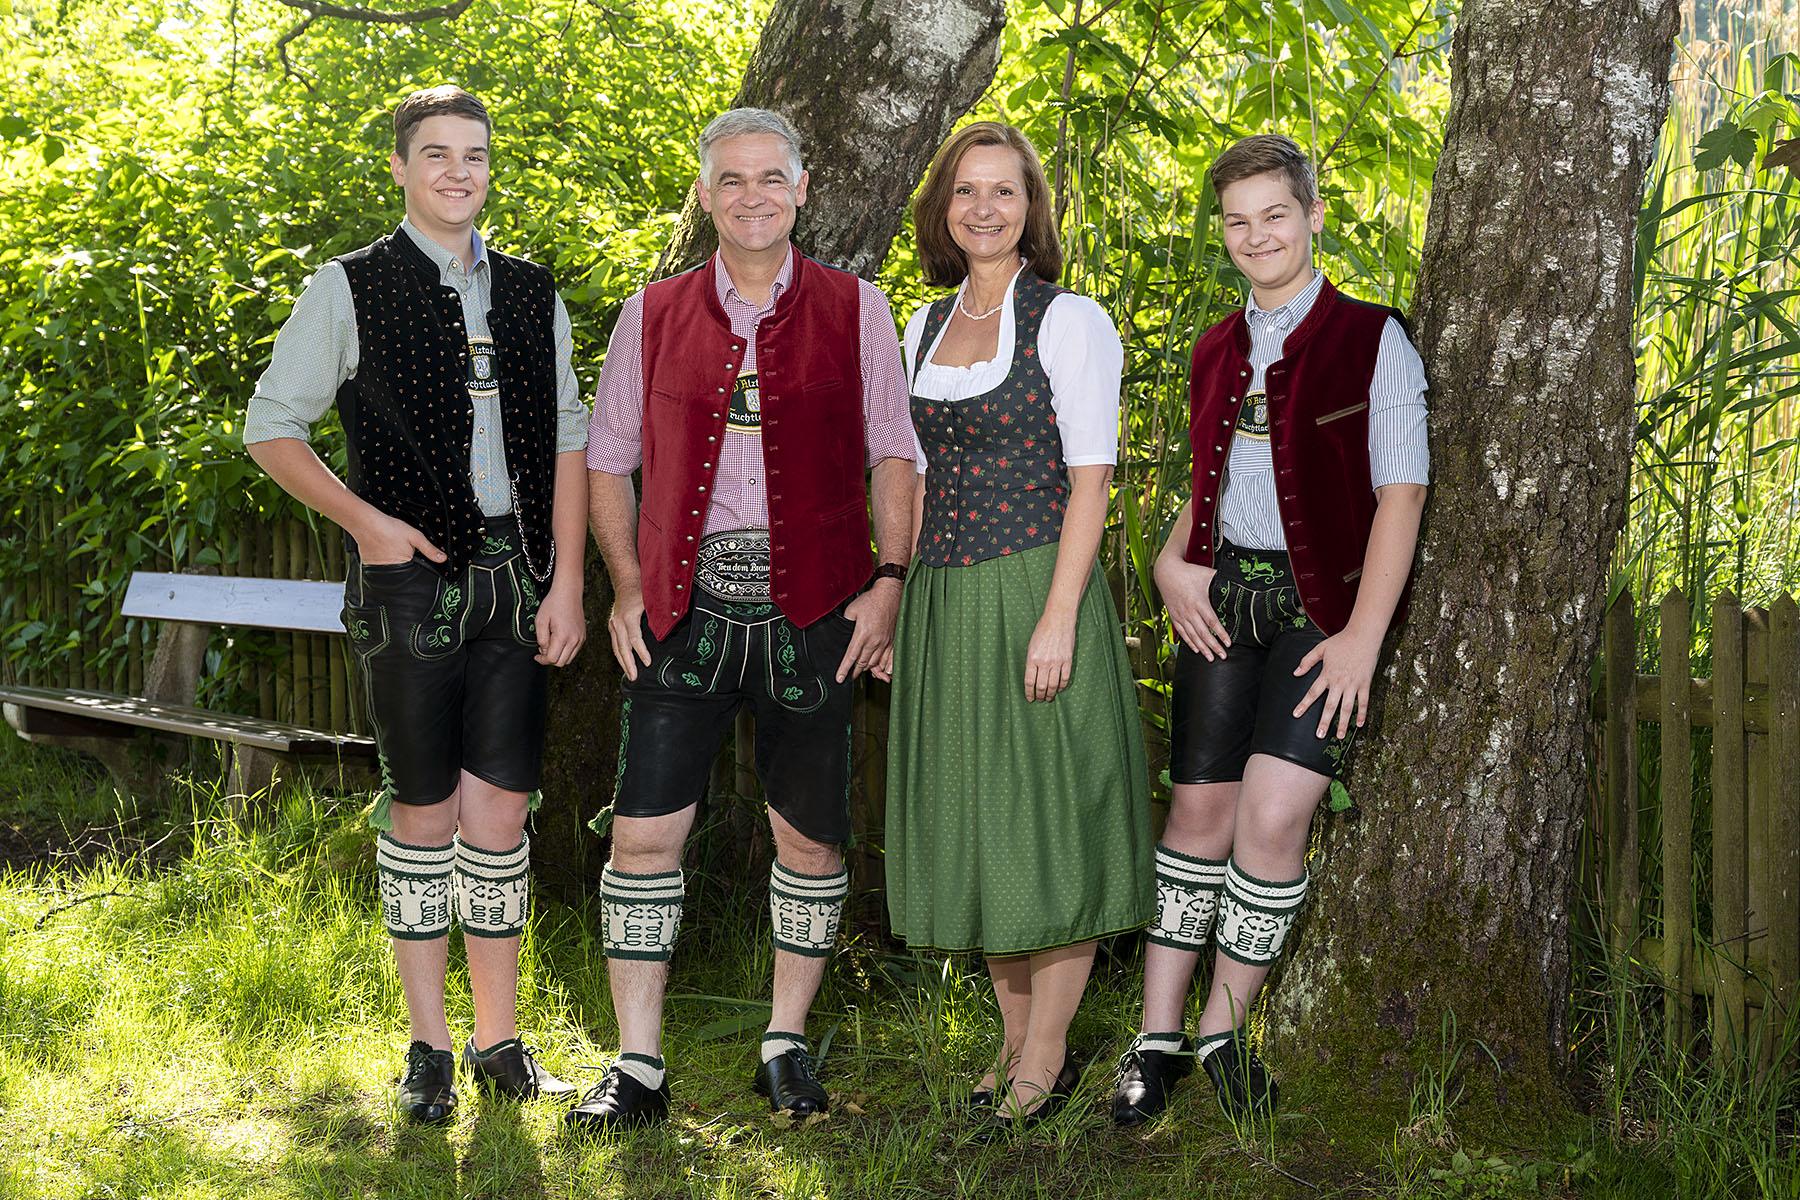 Familienfoto-Outdoor-Traunstein-Chiemgau-004